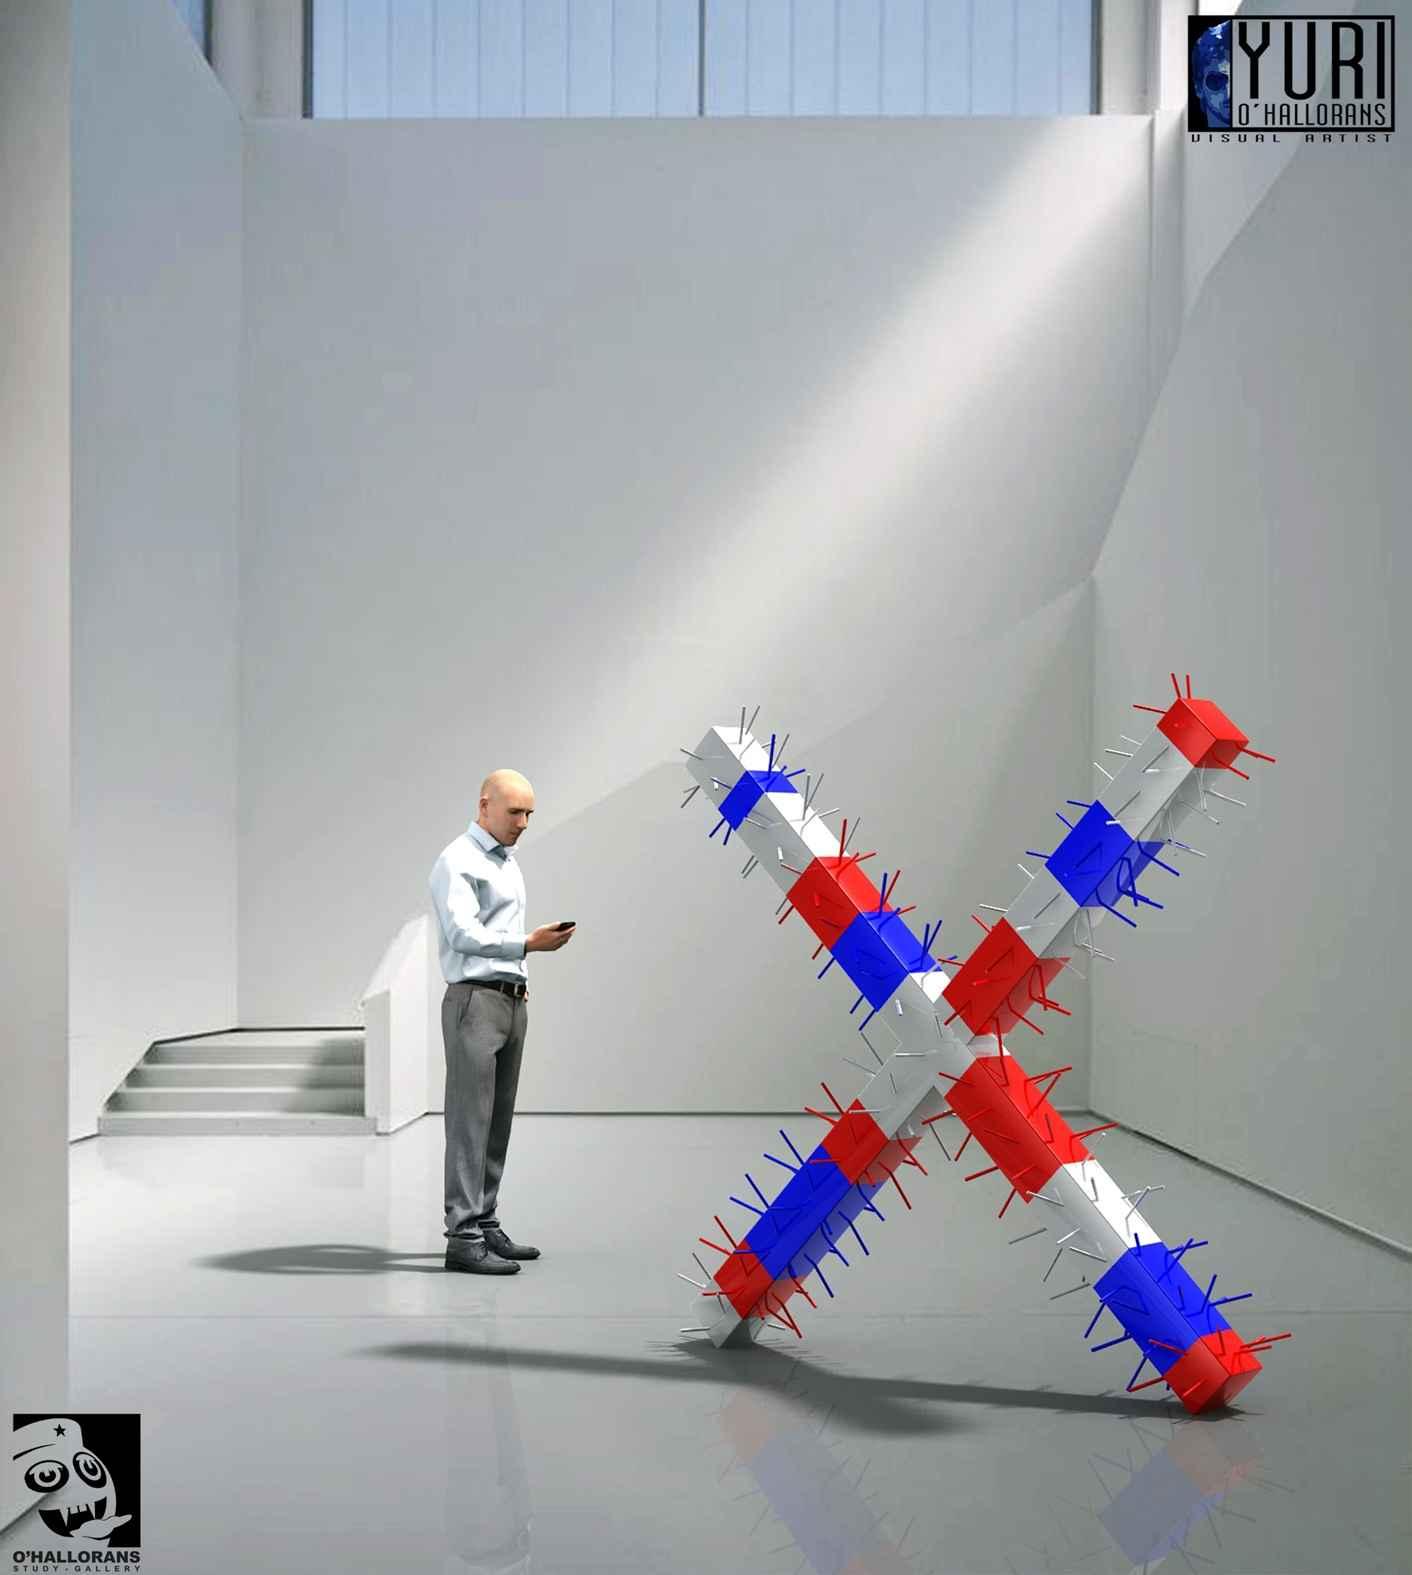 Obra: Multiplicación en defensiva